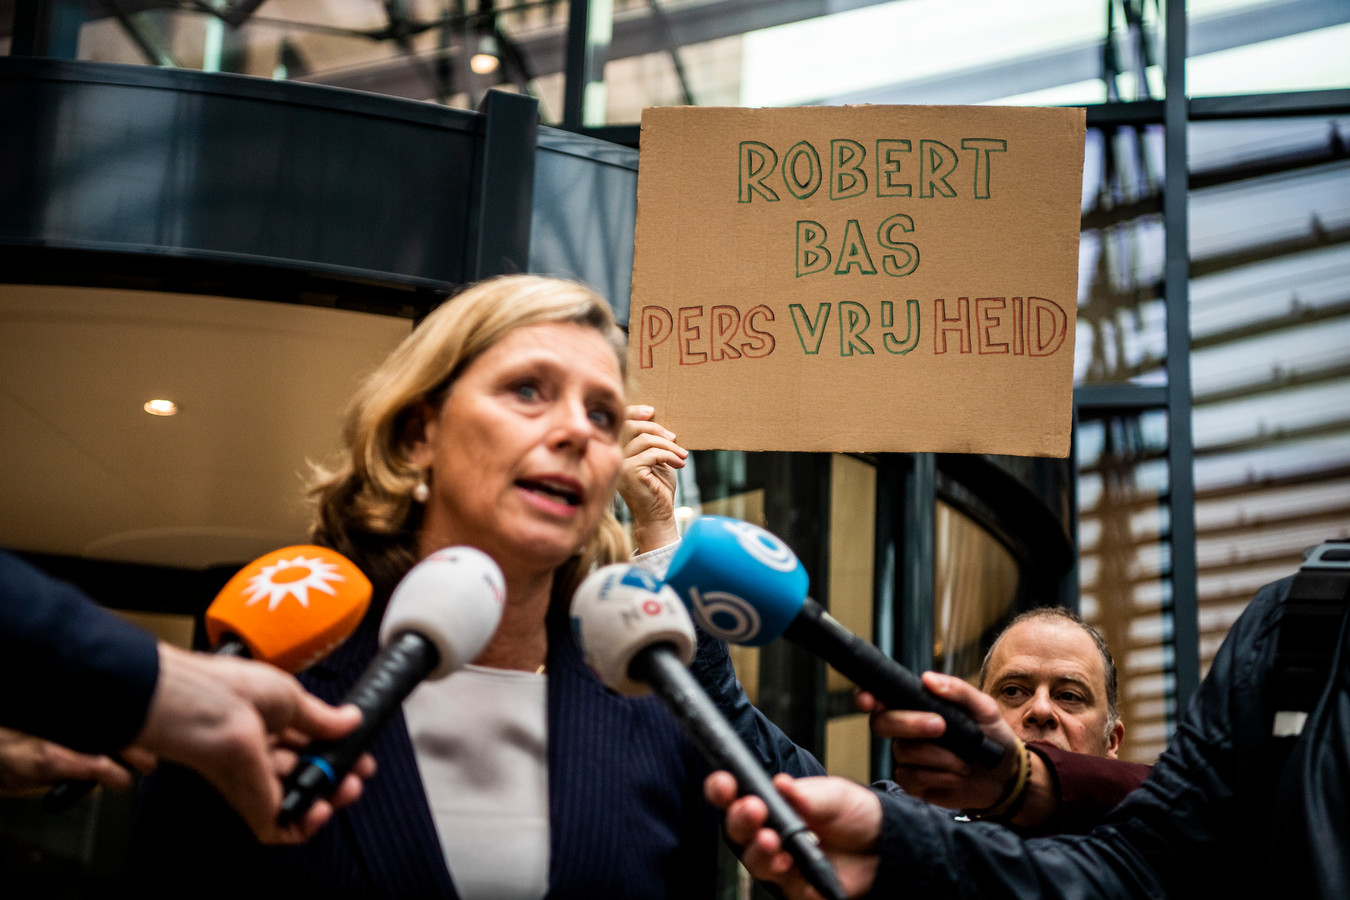 Journalisten protesteren bij de rechtbank in Rotterdam tegen het vastzetten van Robert Bas.